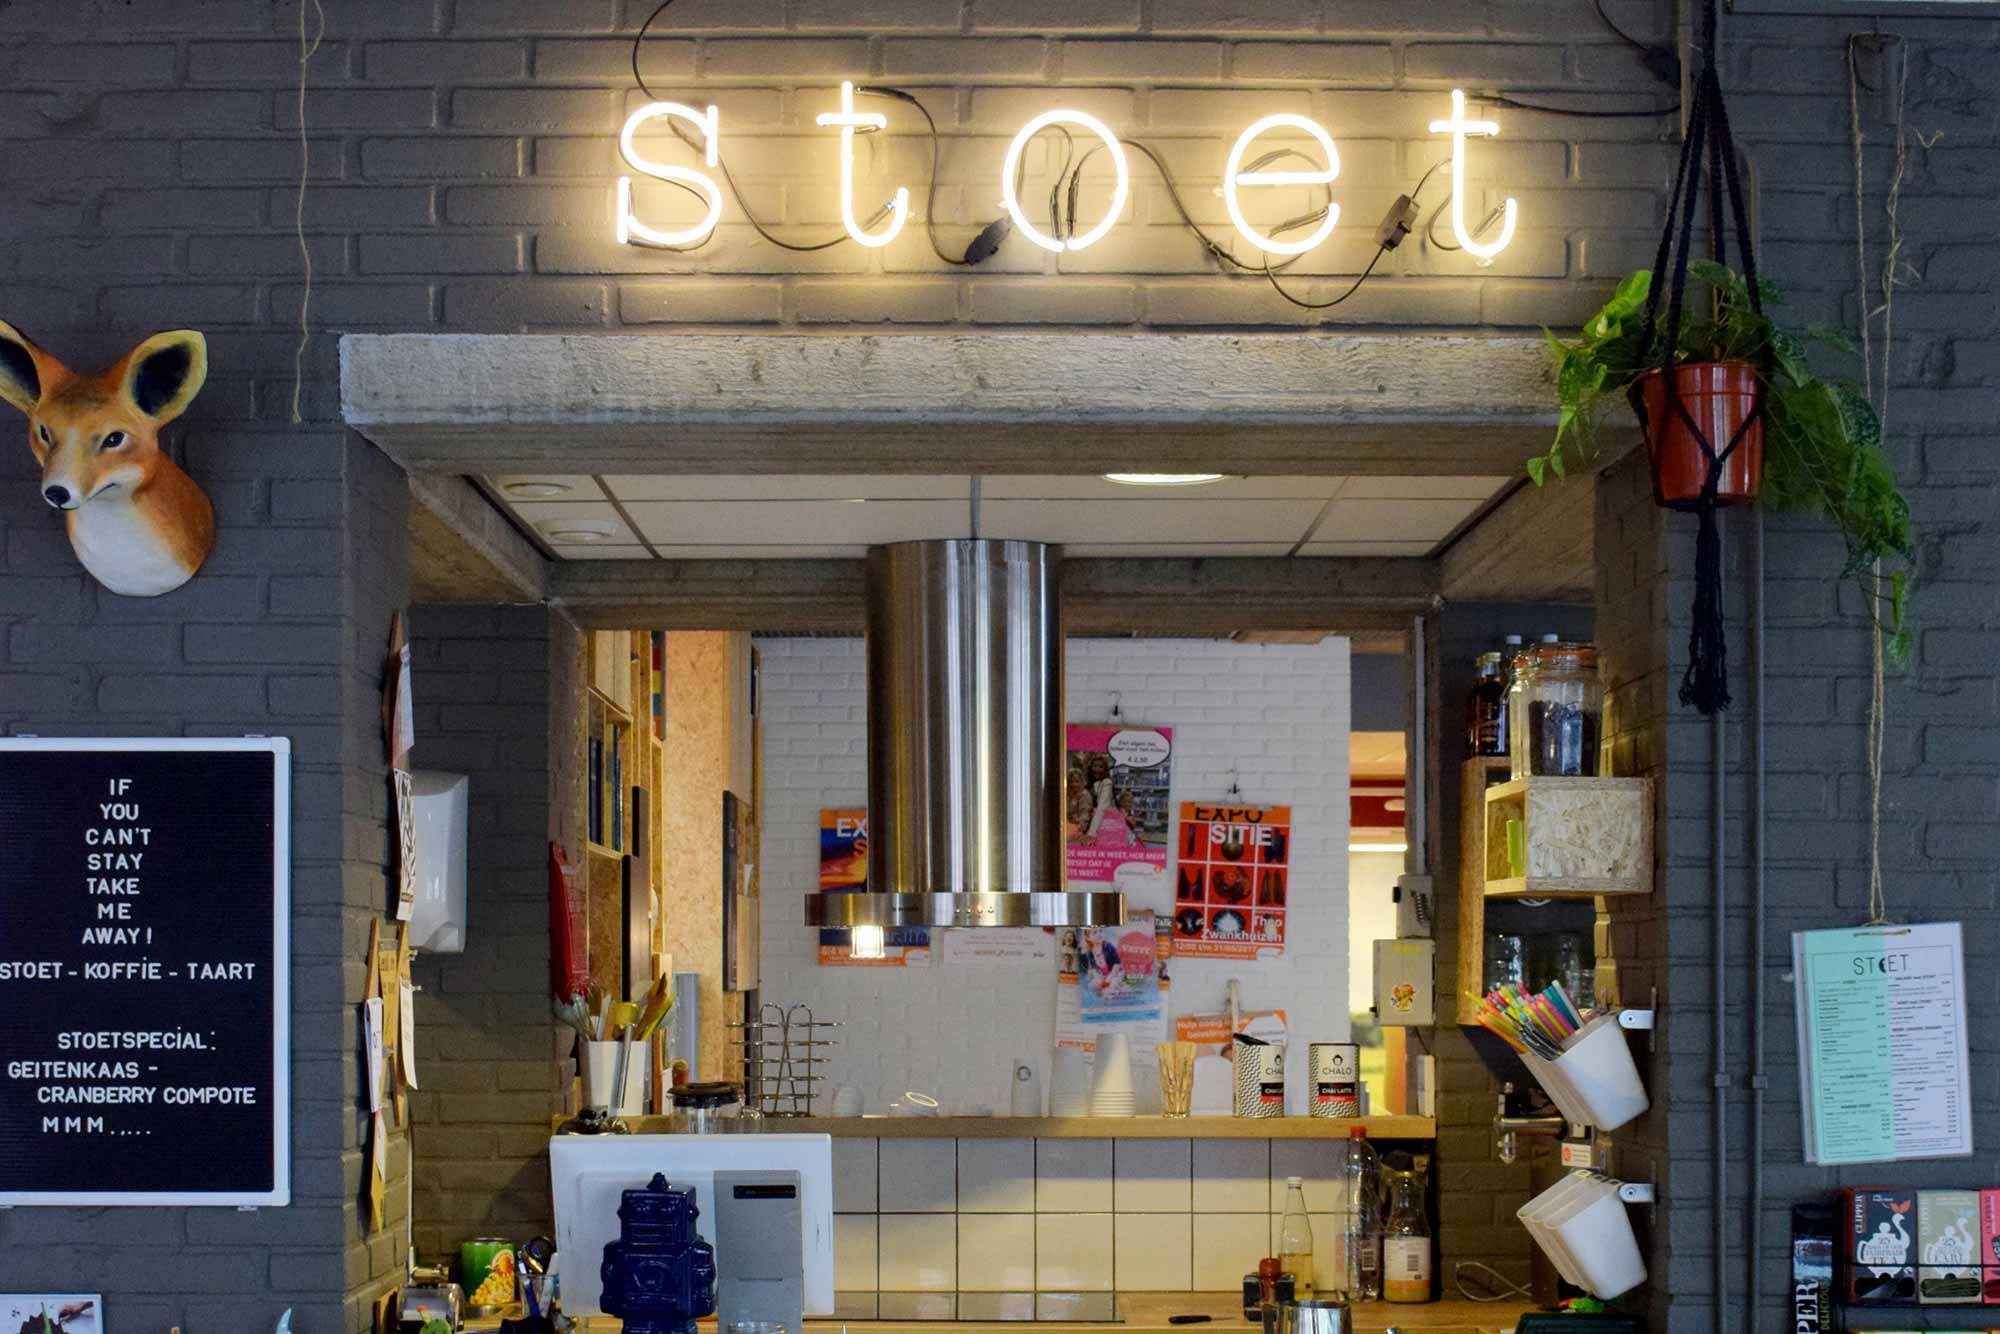 Hotspot Stoet in Enschede